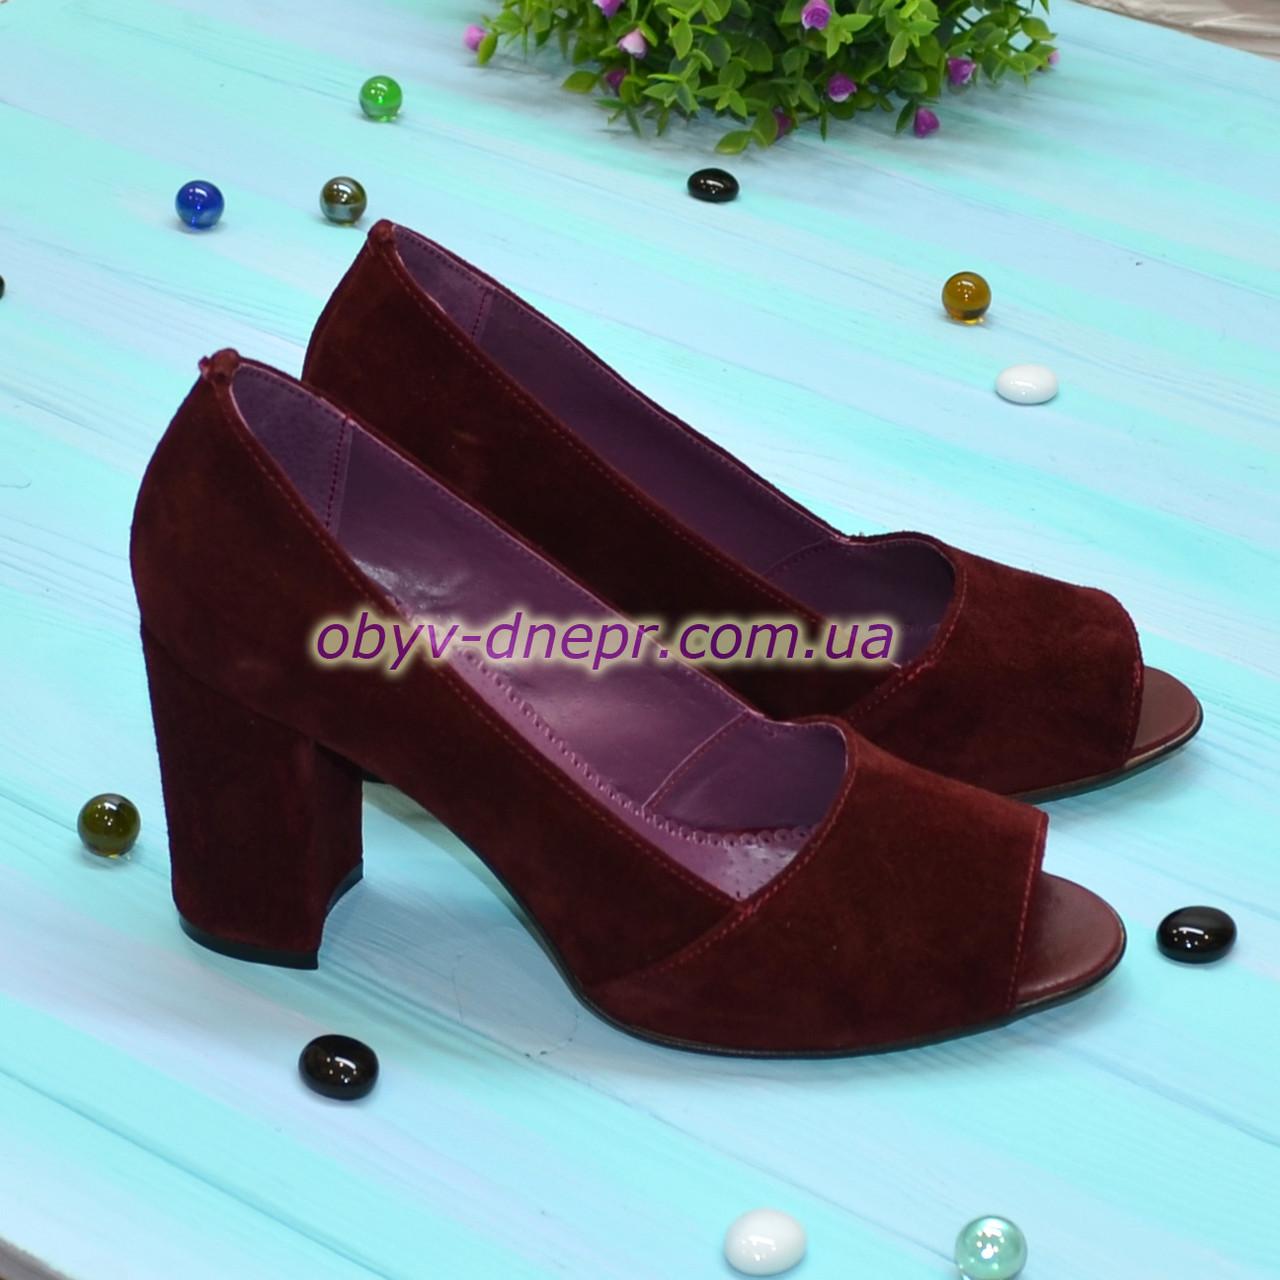 Туфли замшевые с открытым носком, на высоком устойчивом каблуке, цвет бордовый